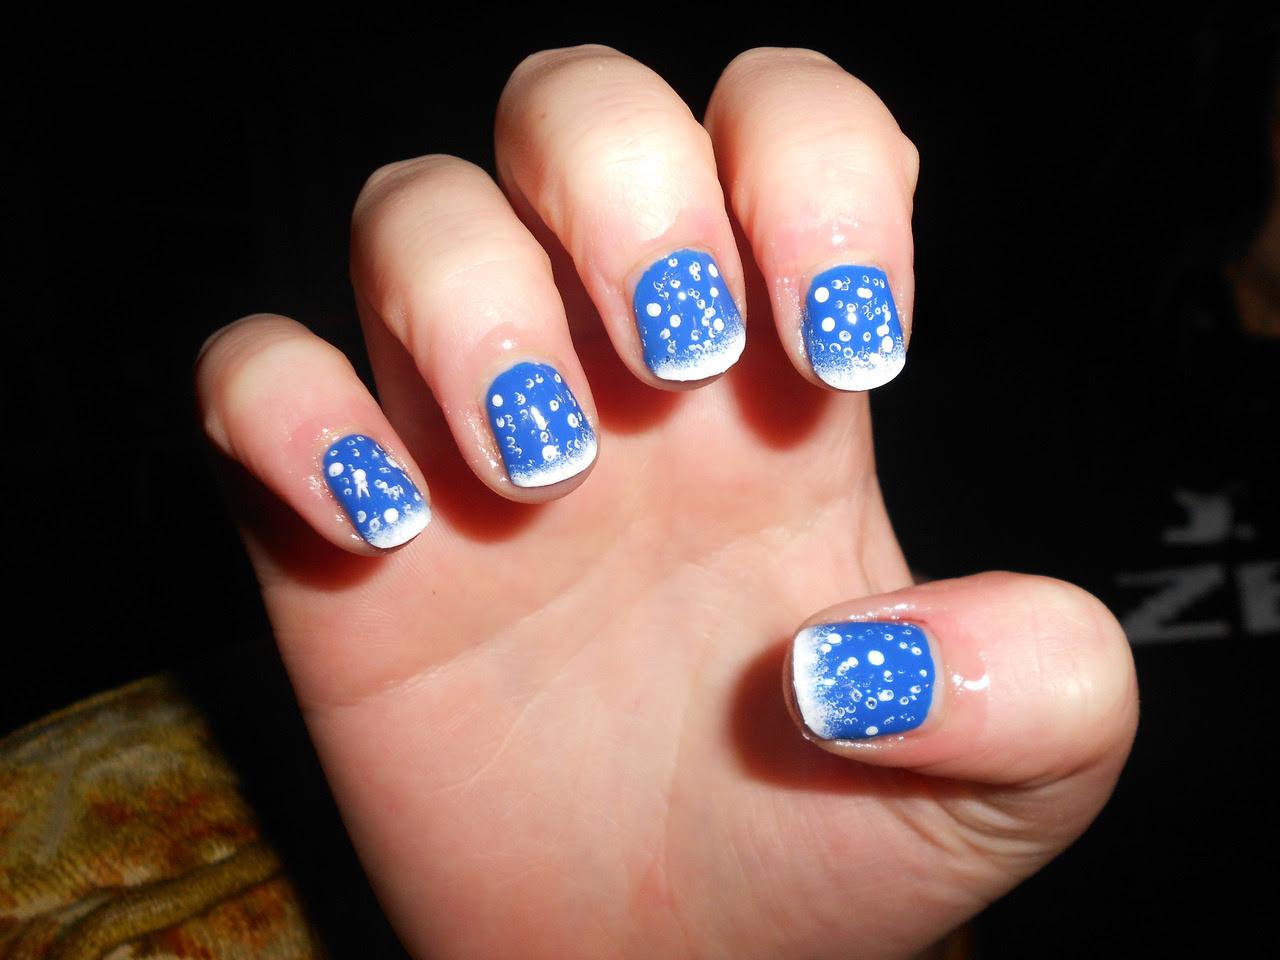 Kaylen's winter wonderland nails!